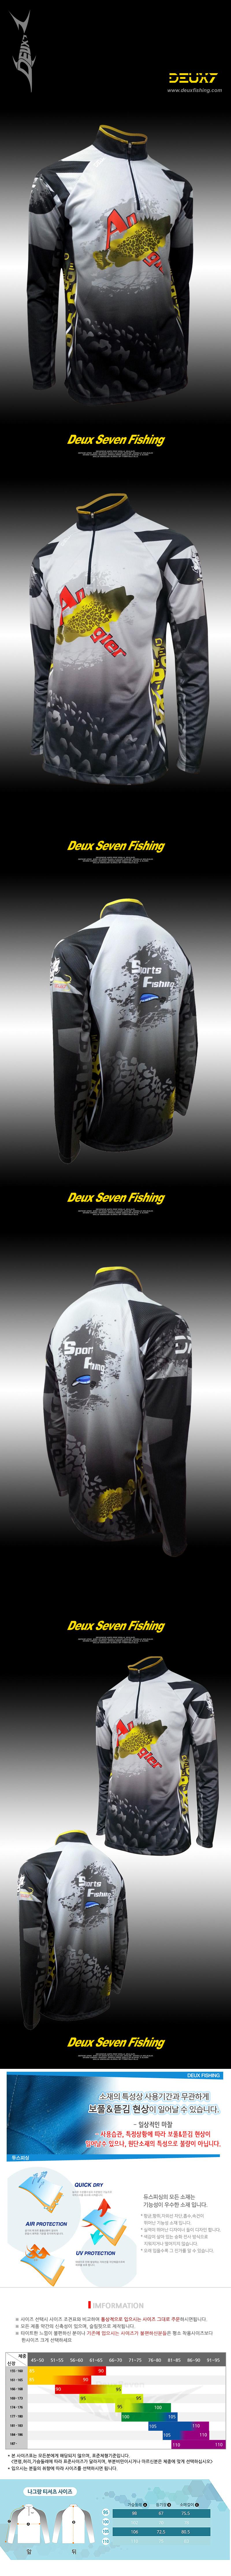 듀스세븐 기능성 낚시 티셔츠 QDT-729(ATB100소재) 낚시셔츠 낚시티 티셔츠 낚시복 팀복 단체복 루어낚시 루어 쏘가리